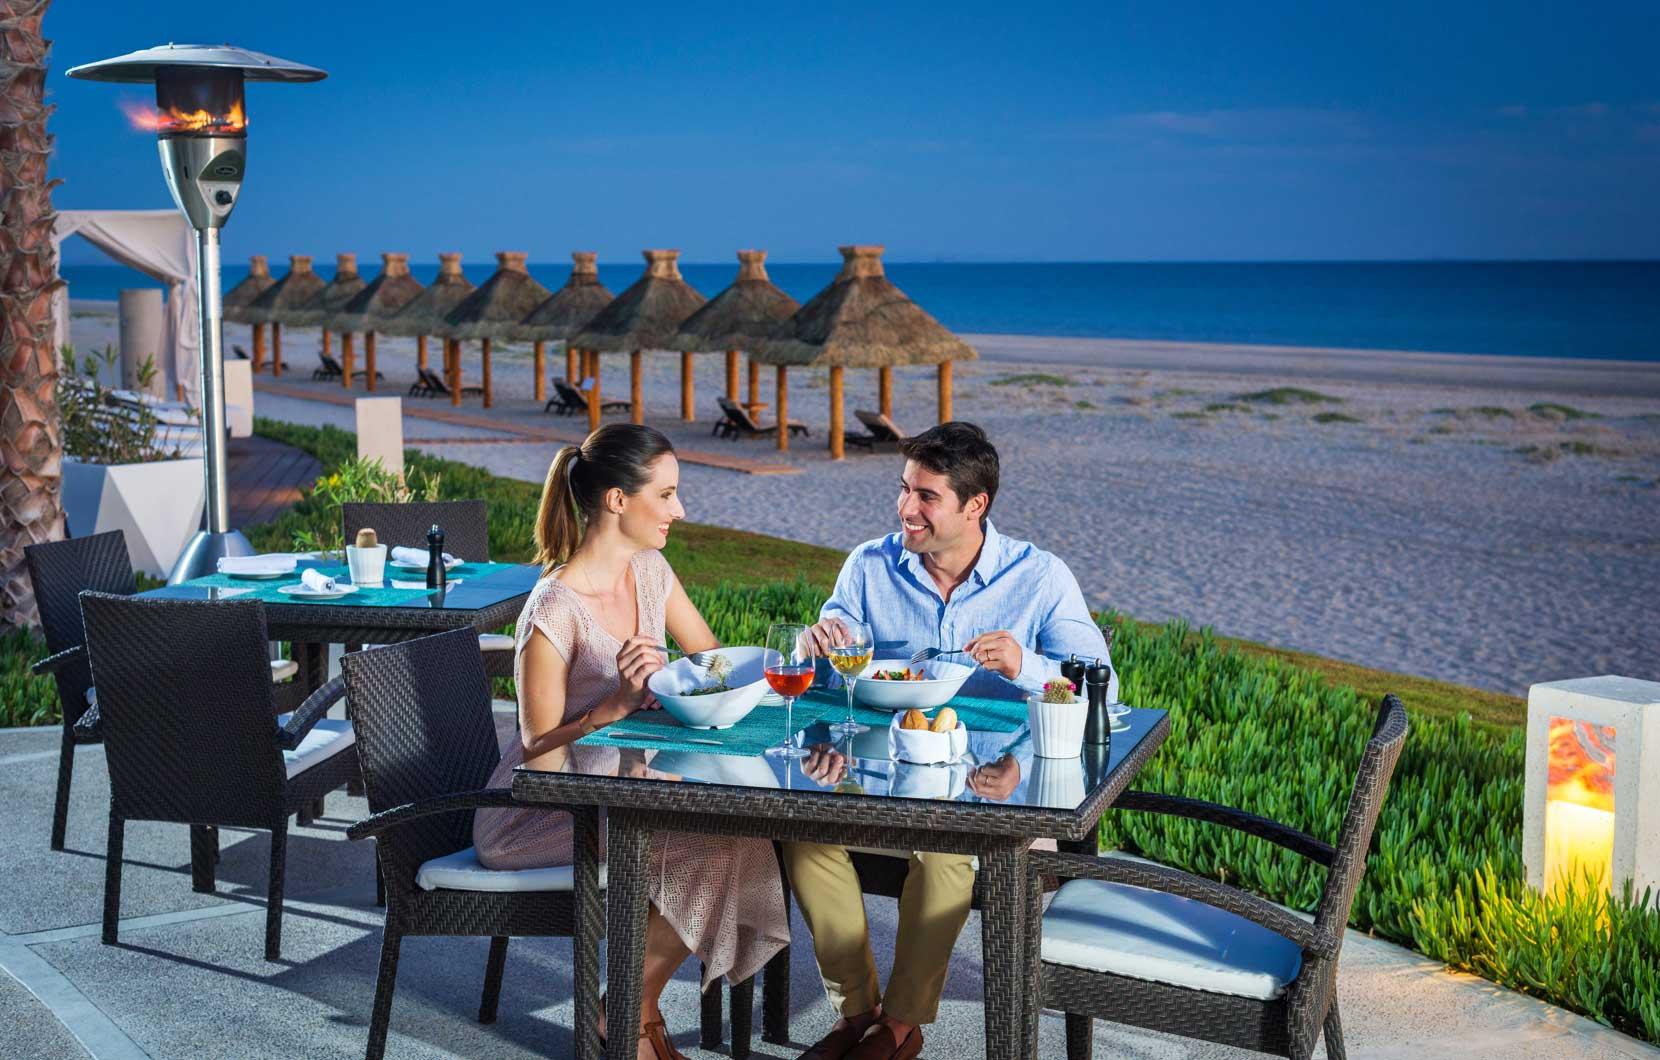 Los huéspedes de Vidanta Puerto Peñasco pueden sentarse en la terraza de Ola Mulata para disfrutar de una gran cena y de una hermosa vista de la playa.